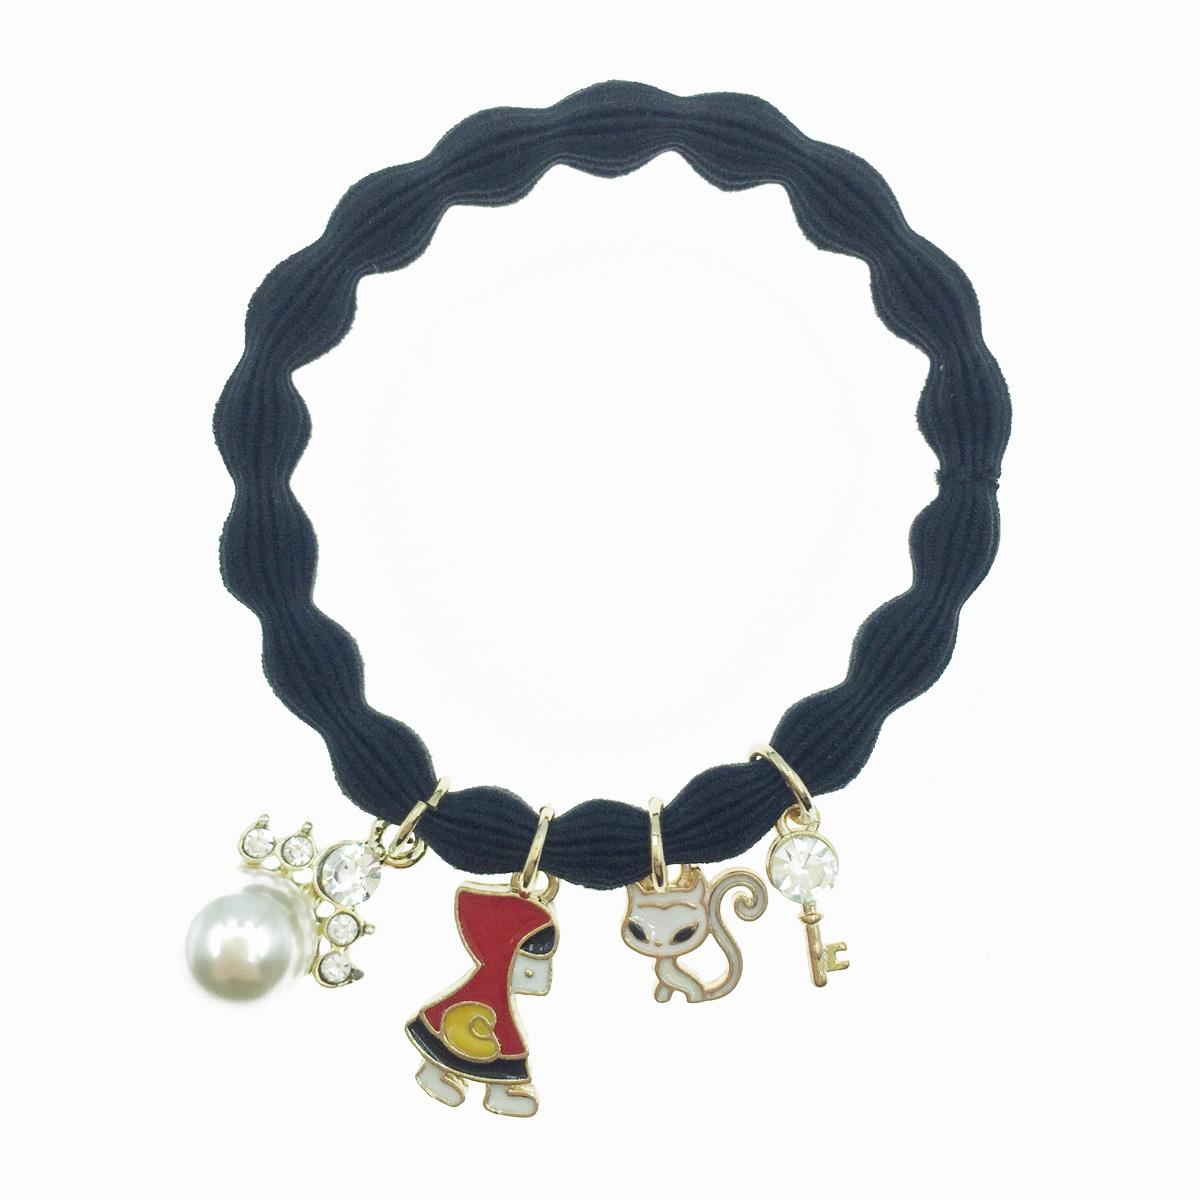 韓國 童話小紅帽造型 貓咪 鑰匙水鑽 可愛繽紛 珍珠水鑽髮束